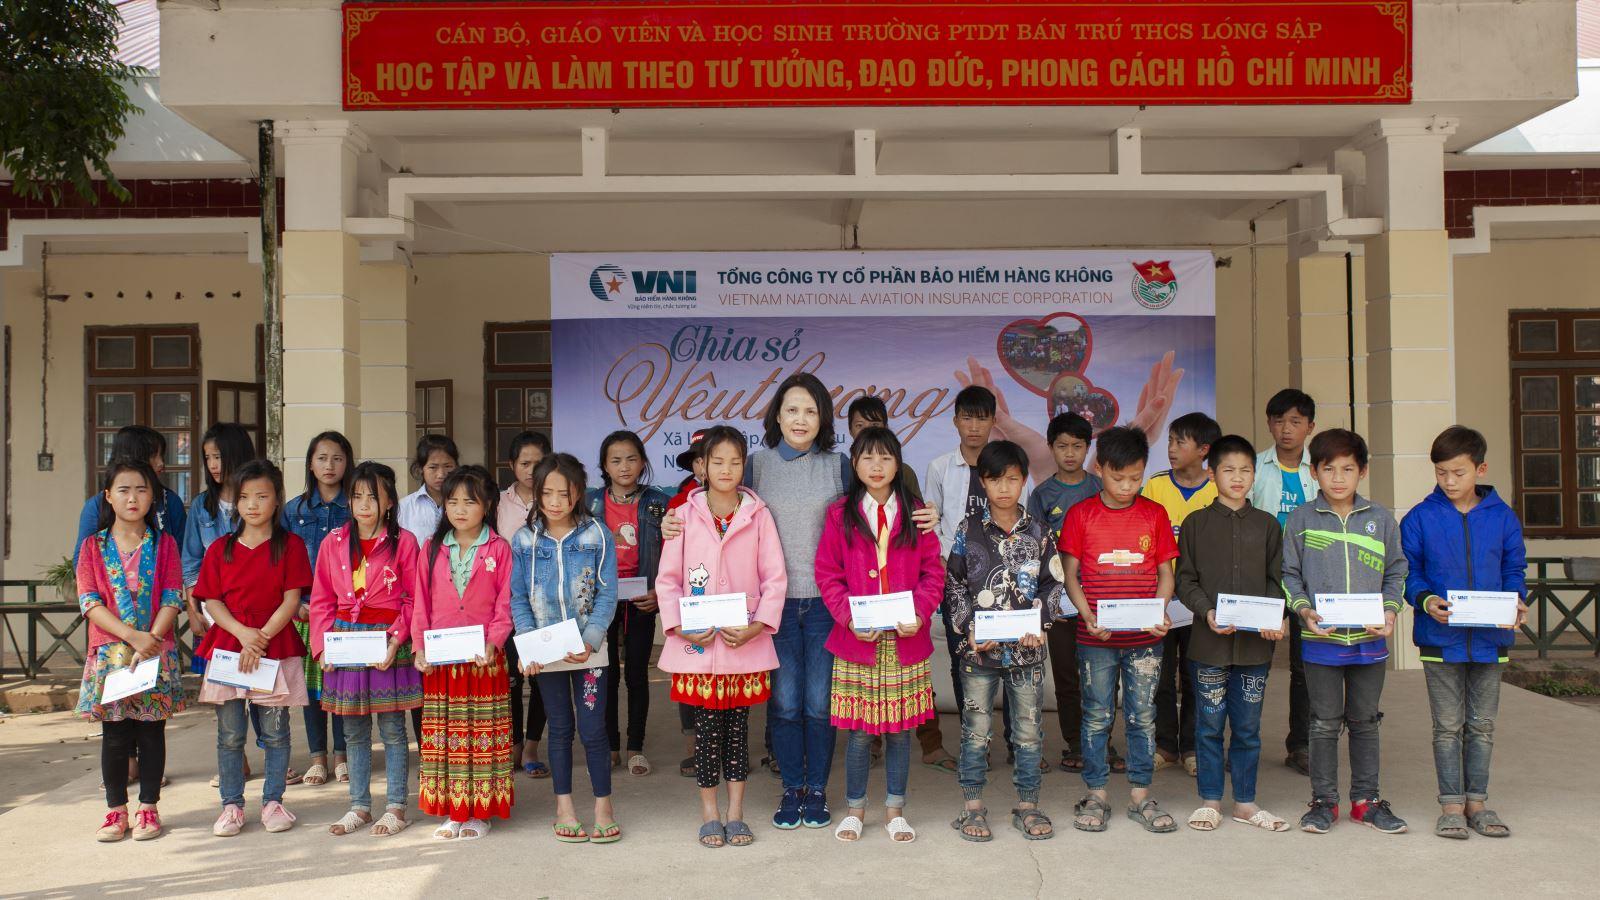 VNI tặng 45 suất học bổng, 250 kg gạo, 30 cặp sách cho thầy và trò trường dân tộc Lóng Sập, Mộc Châu